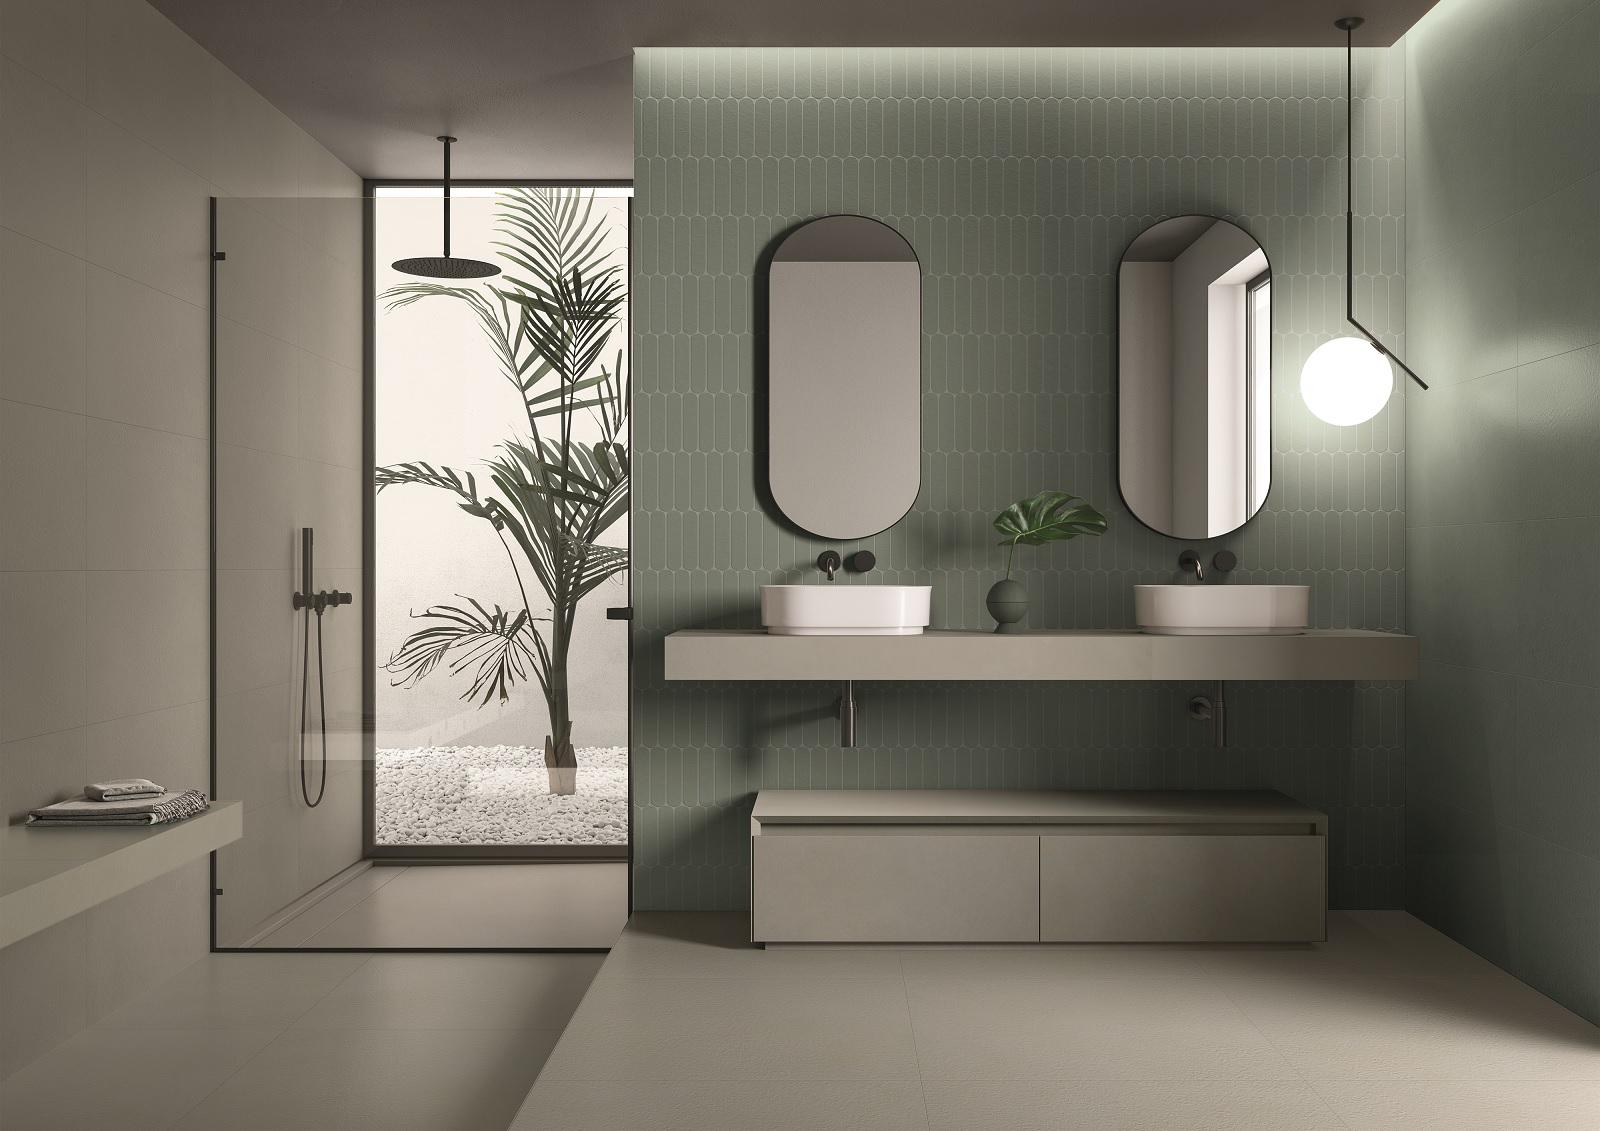 nuances-plyteles-italgraniti-vonios kambariui